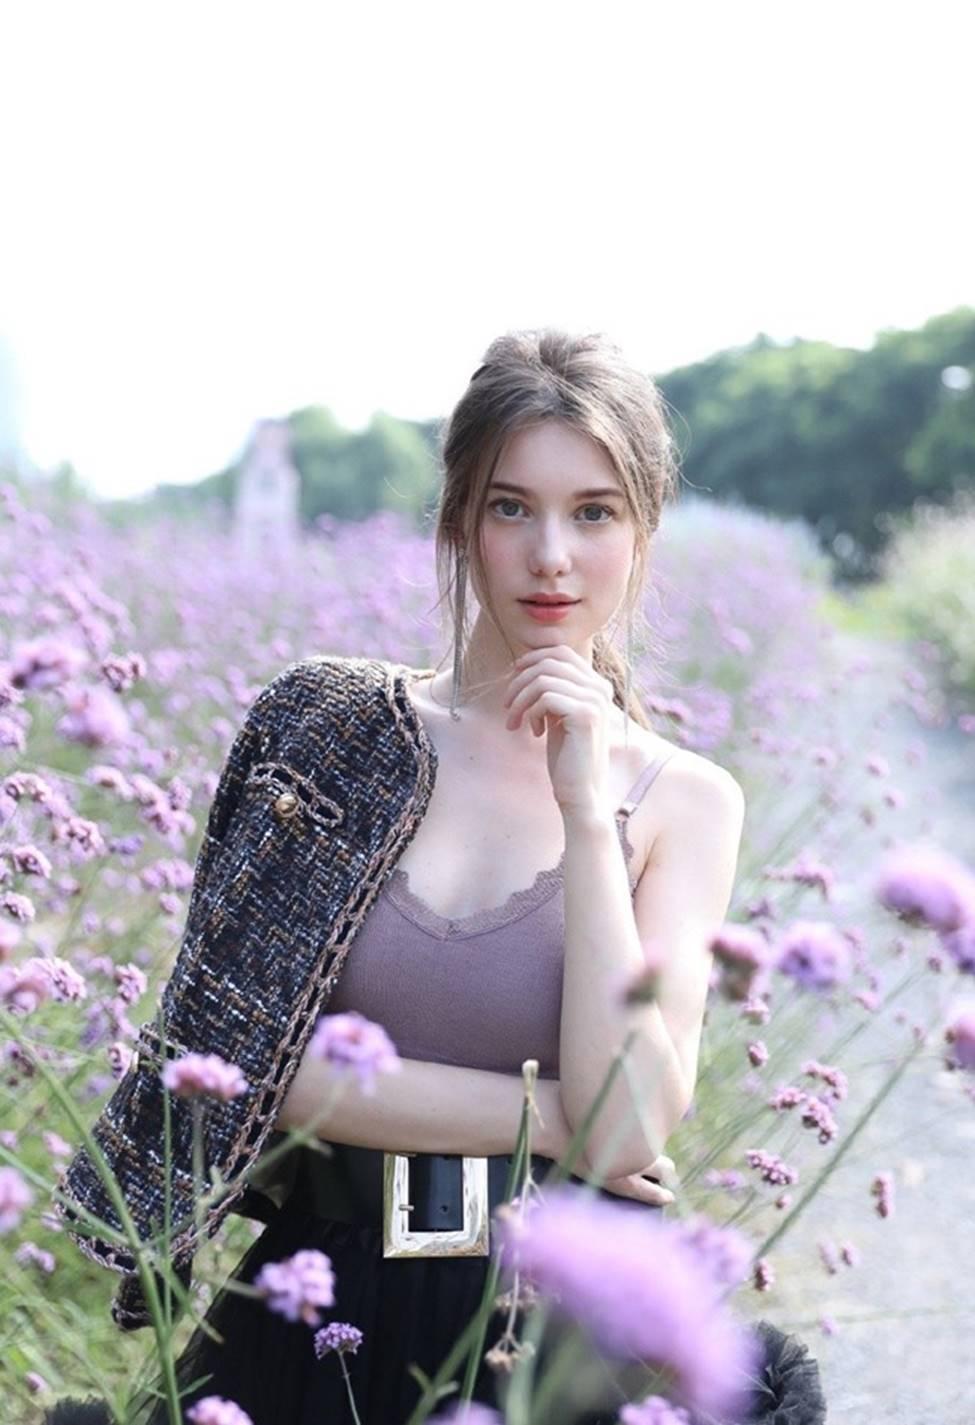 Vẻ đẹp của tiên nữ Đông Âu đang khiến thanh niên châu Á phát cuồng-17